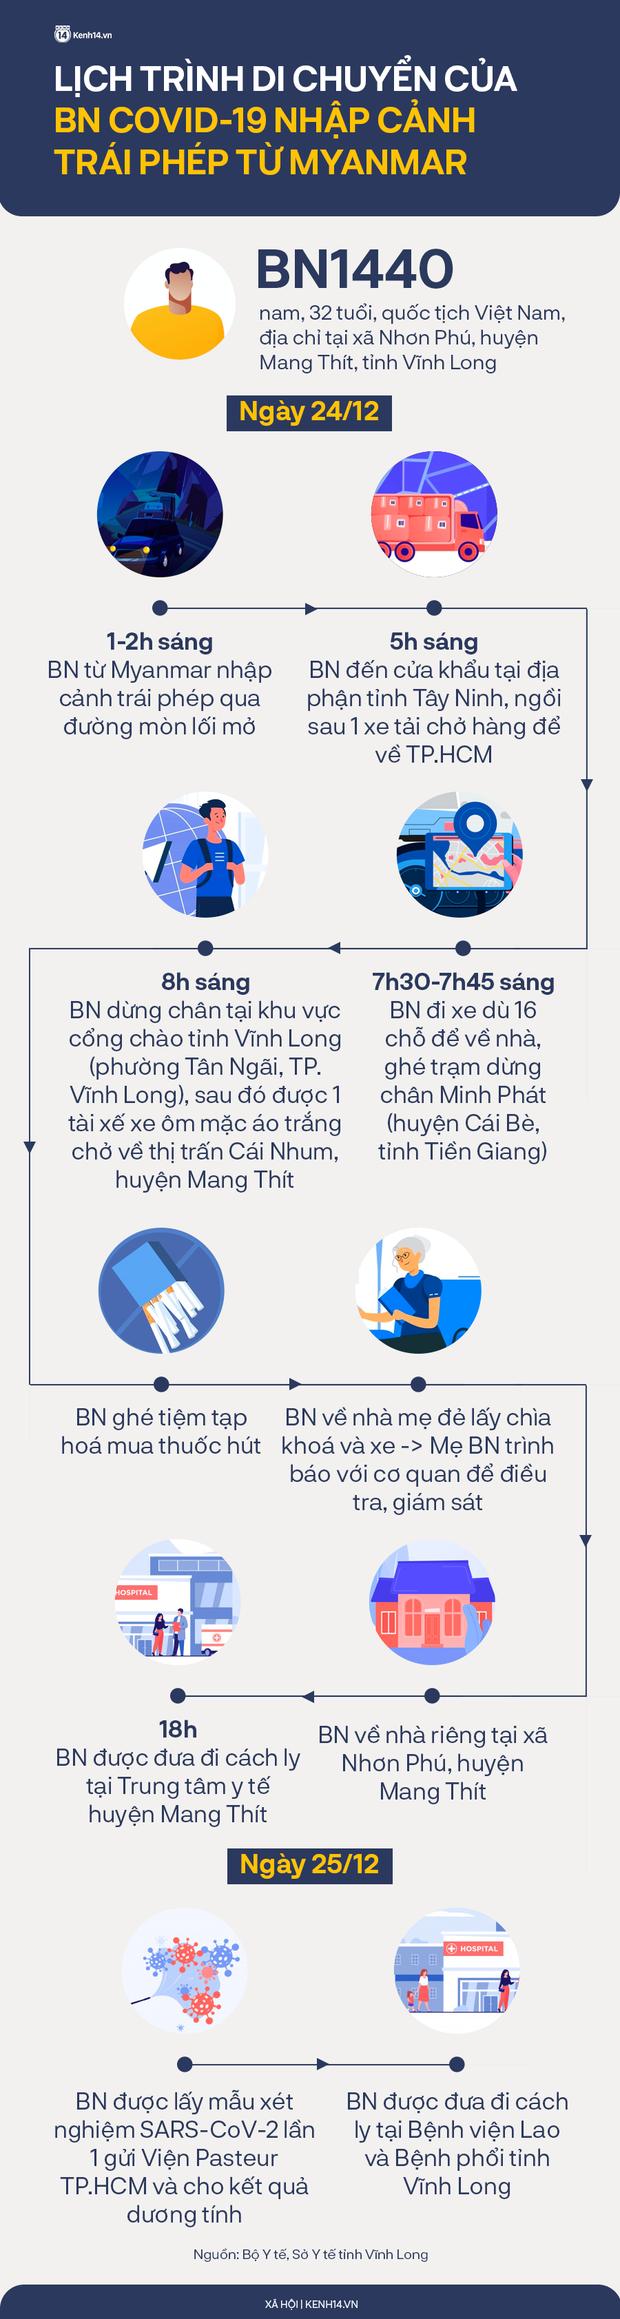 Lịch trình di chuyển phức tạp của BN Covid-19 nhập cảnh trái phép từ Myanmar: Ngồi thùng xe tải từ cửa khẩu về TP.HCM, đi qua 4 tỉnh thành - Ảnh 1.